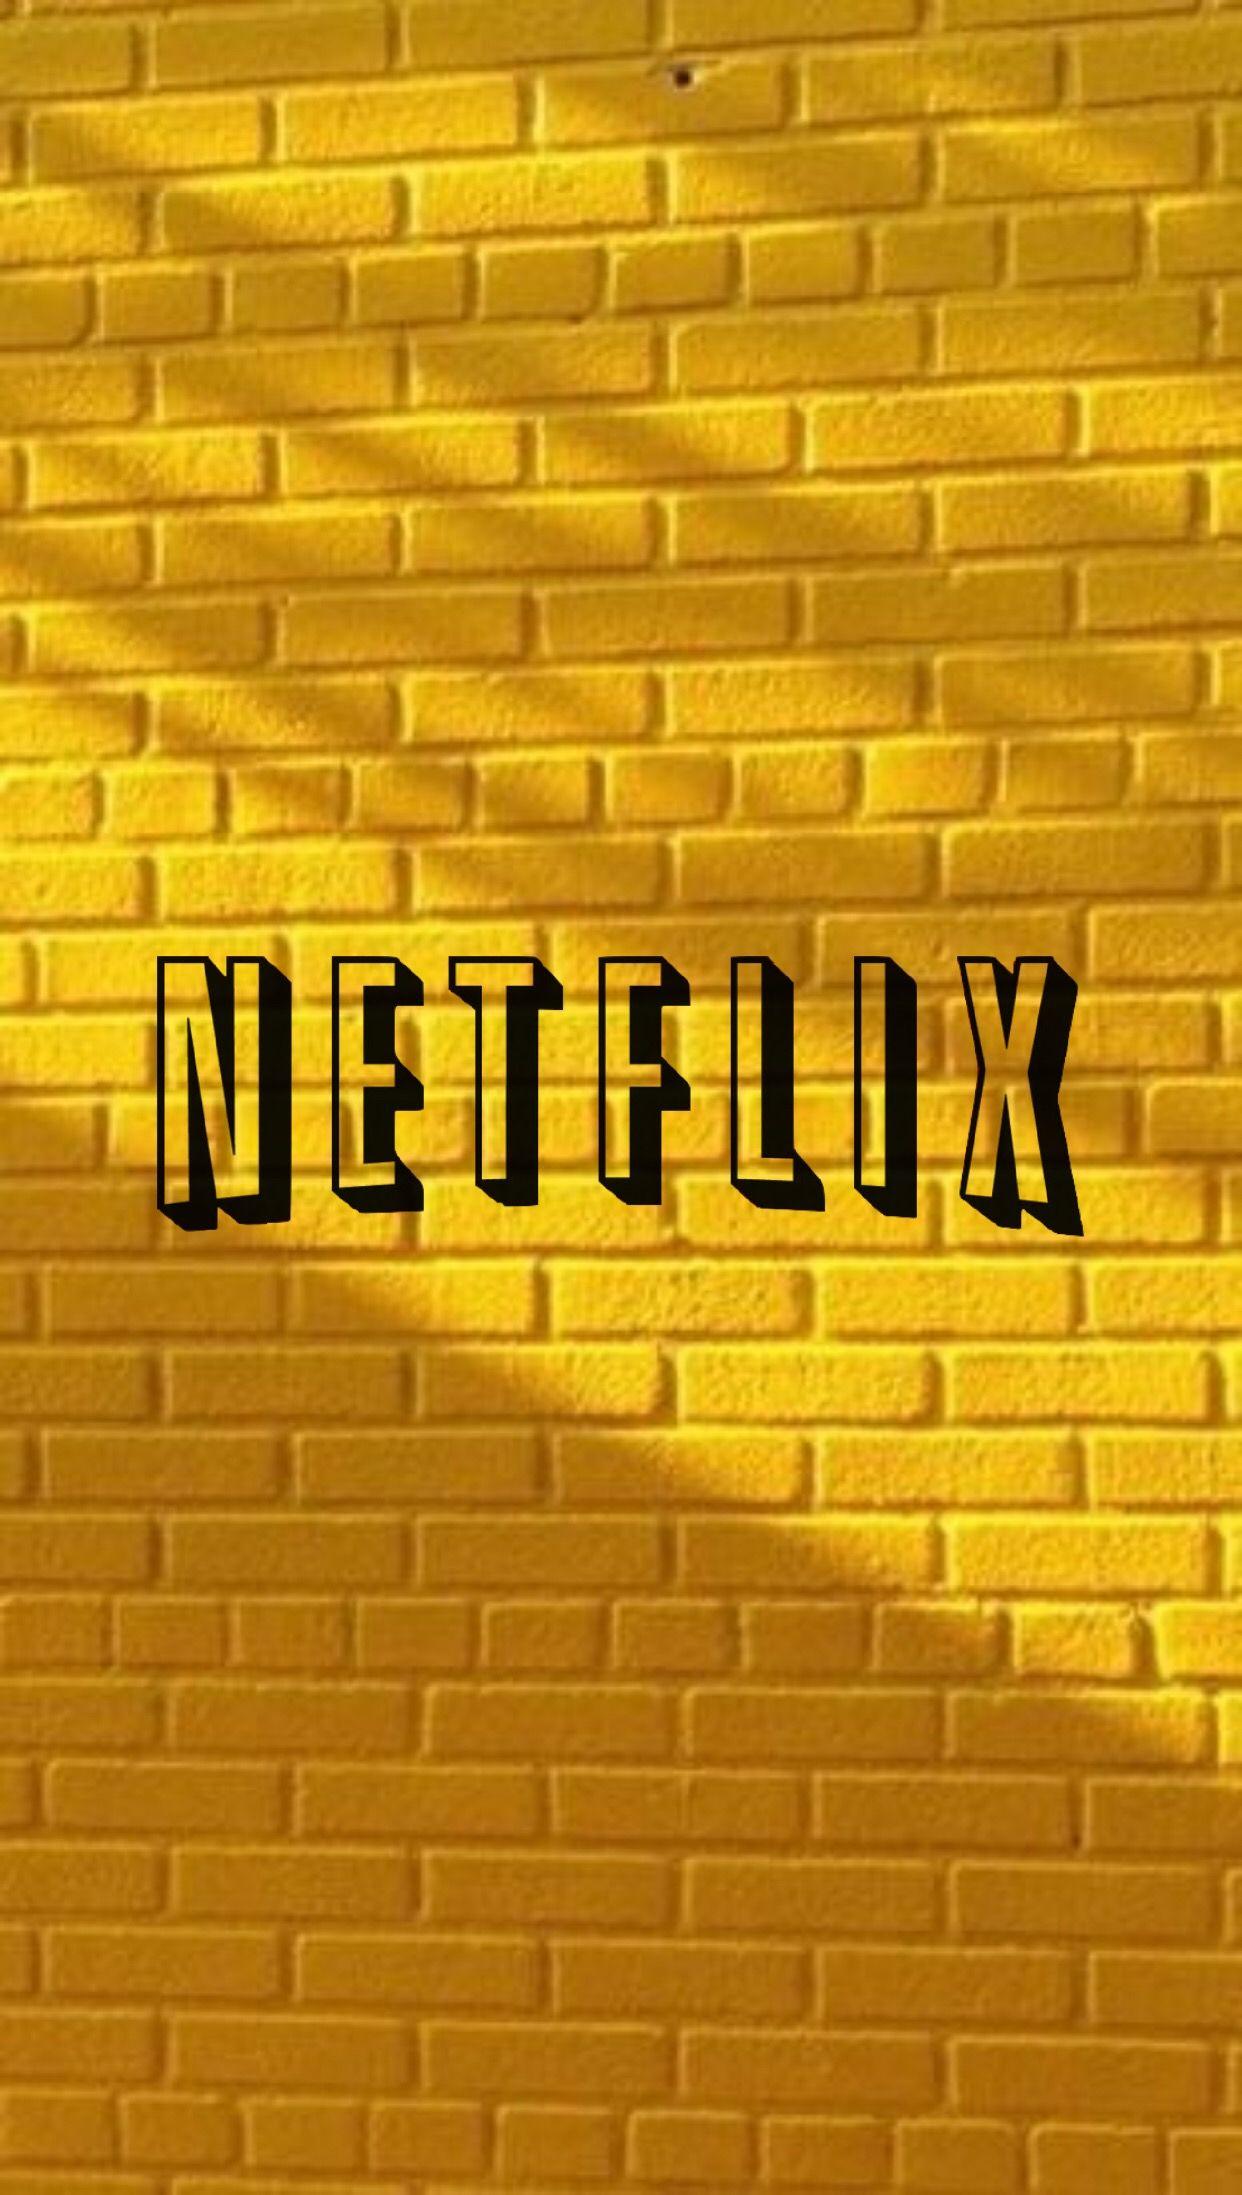 Netflix Logo Aesthetic Yellow